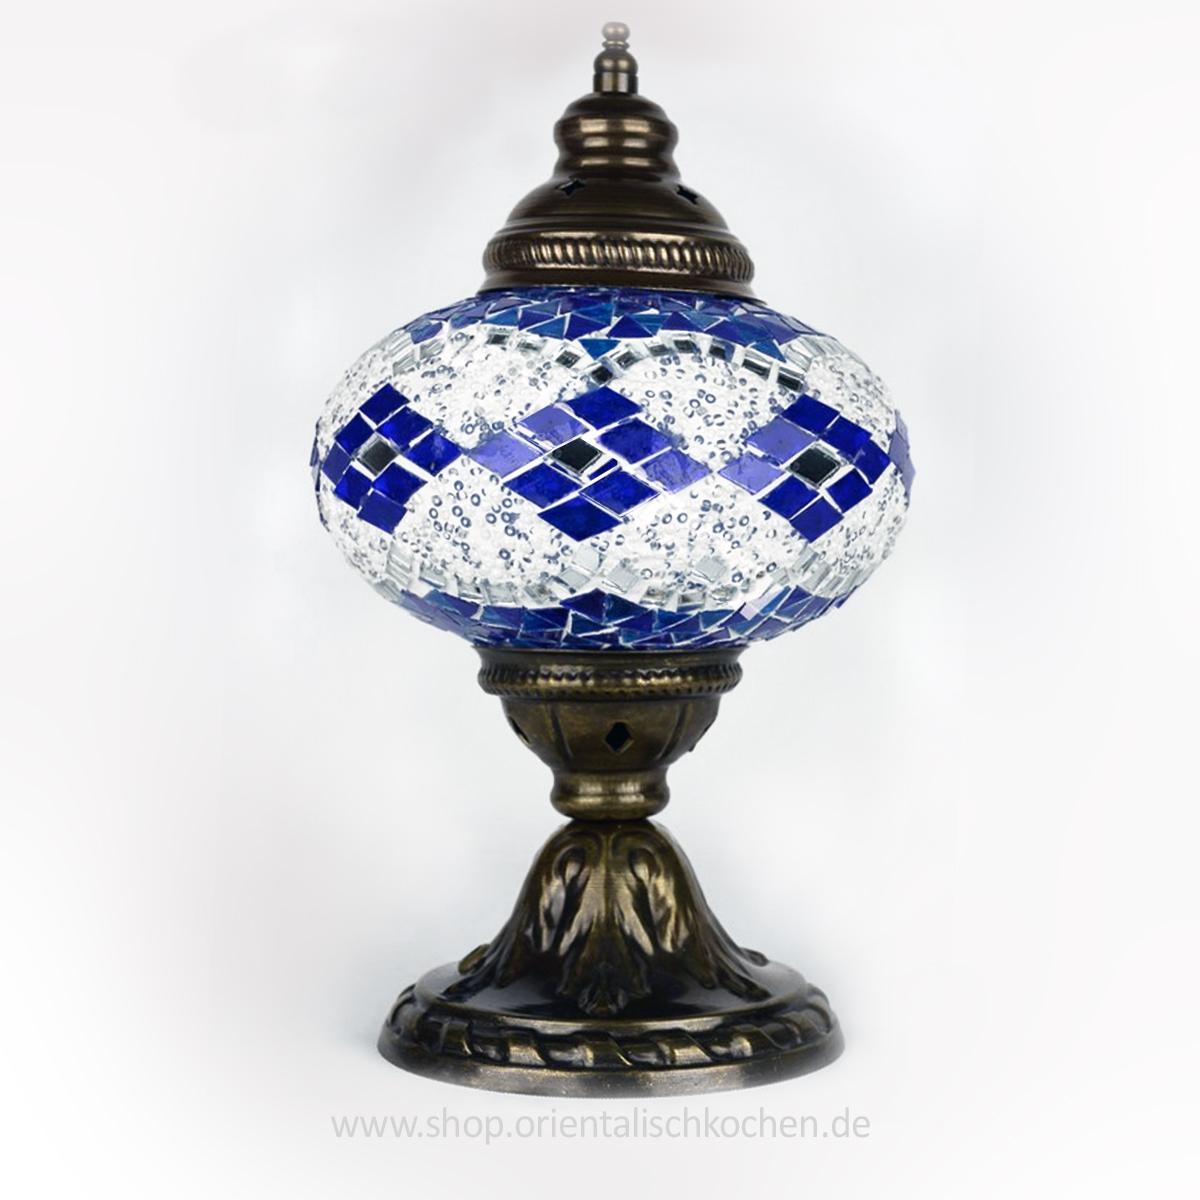 Mosaiklampen bei Orientalischkochen, 21465 Wentorf